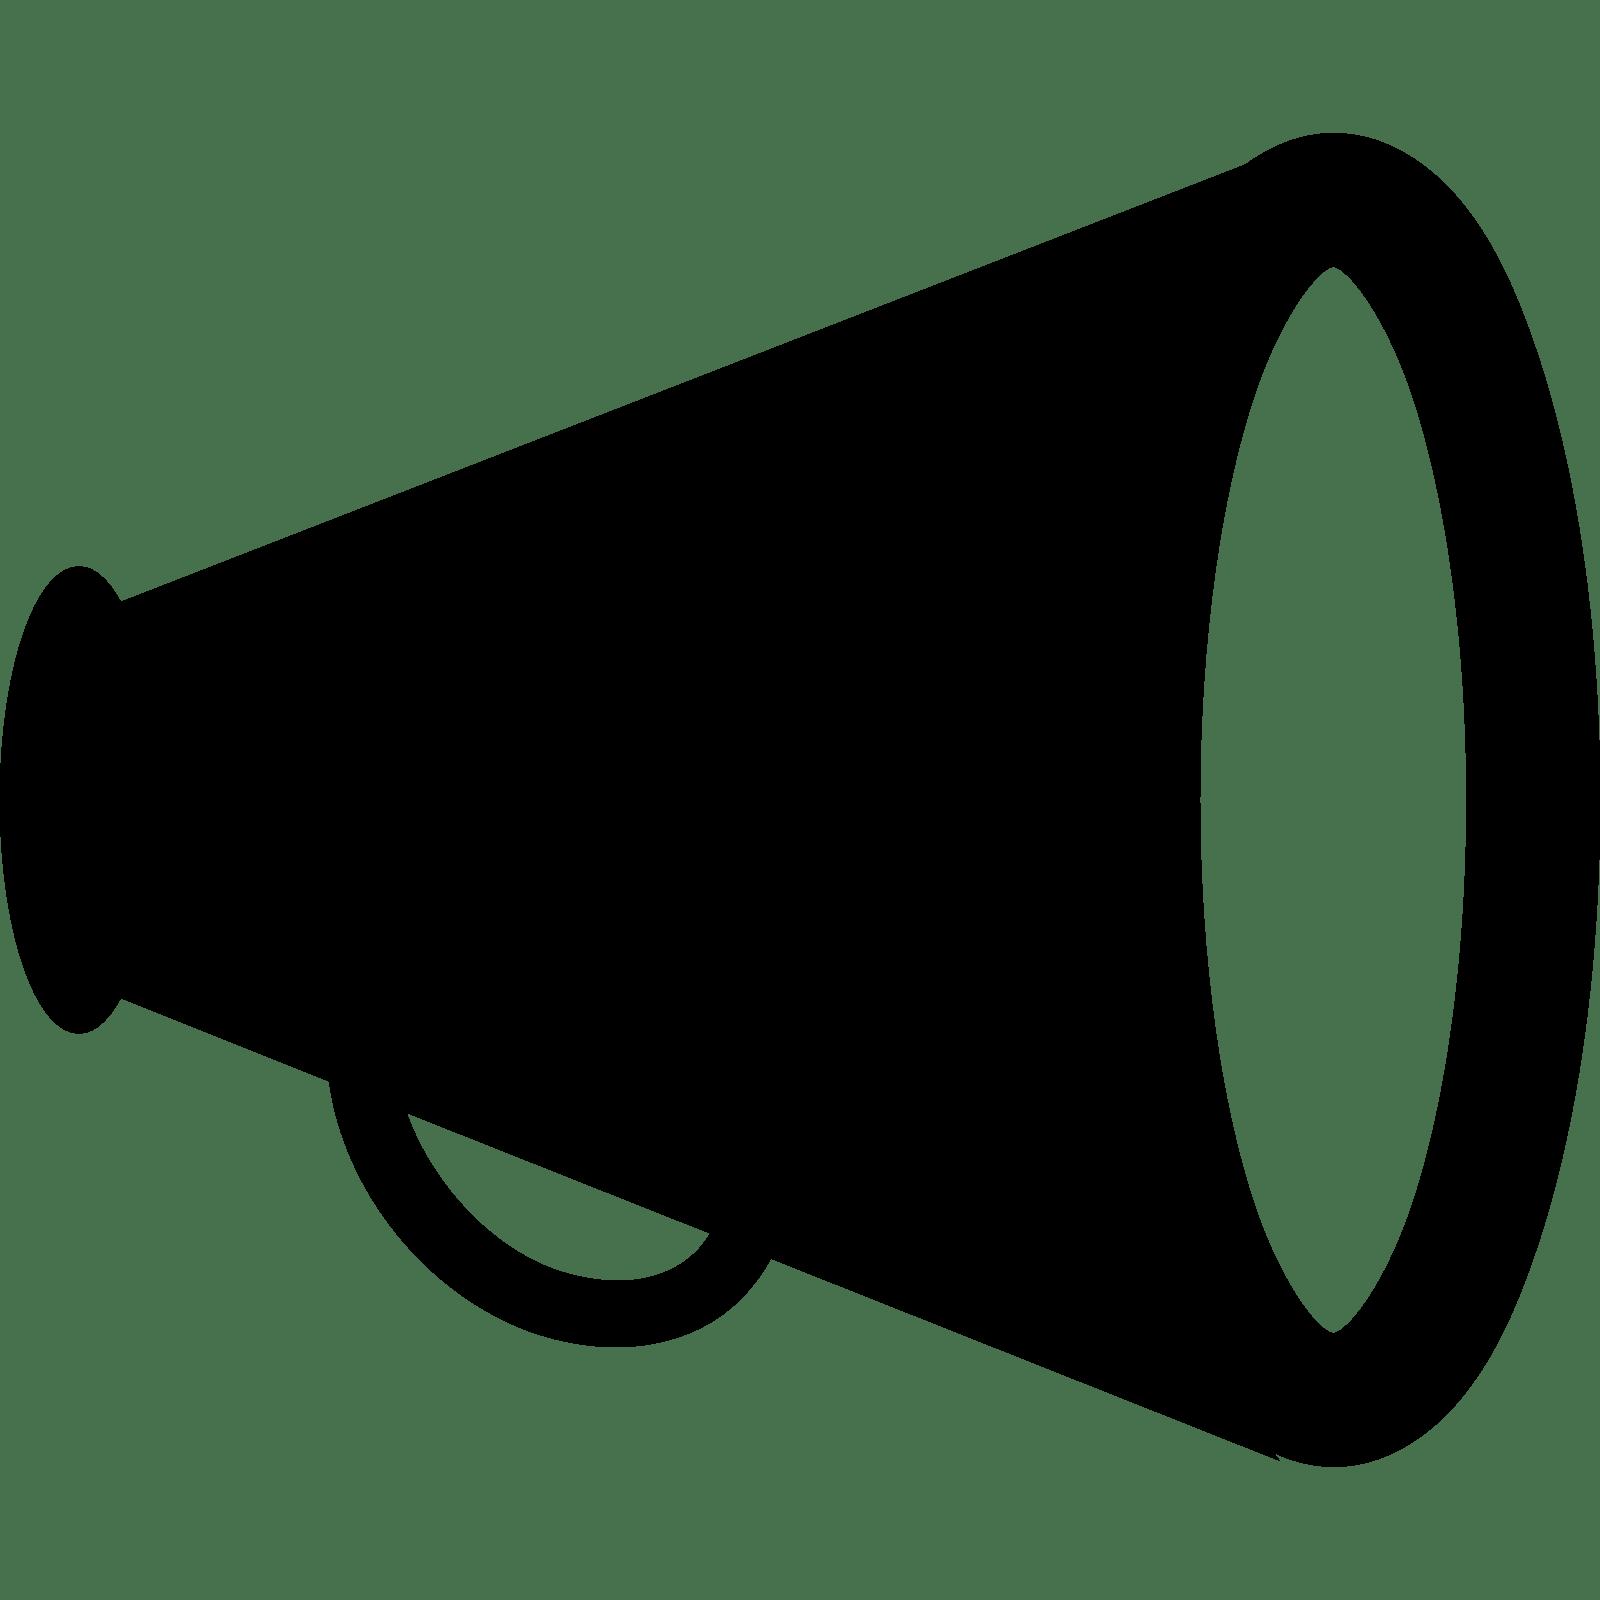 Free png announcement transparent. Megaphone clipart annoucement